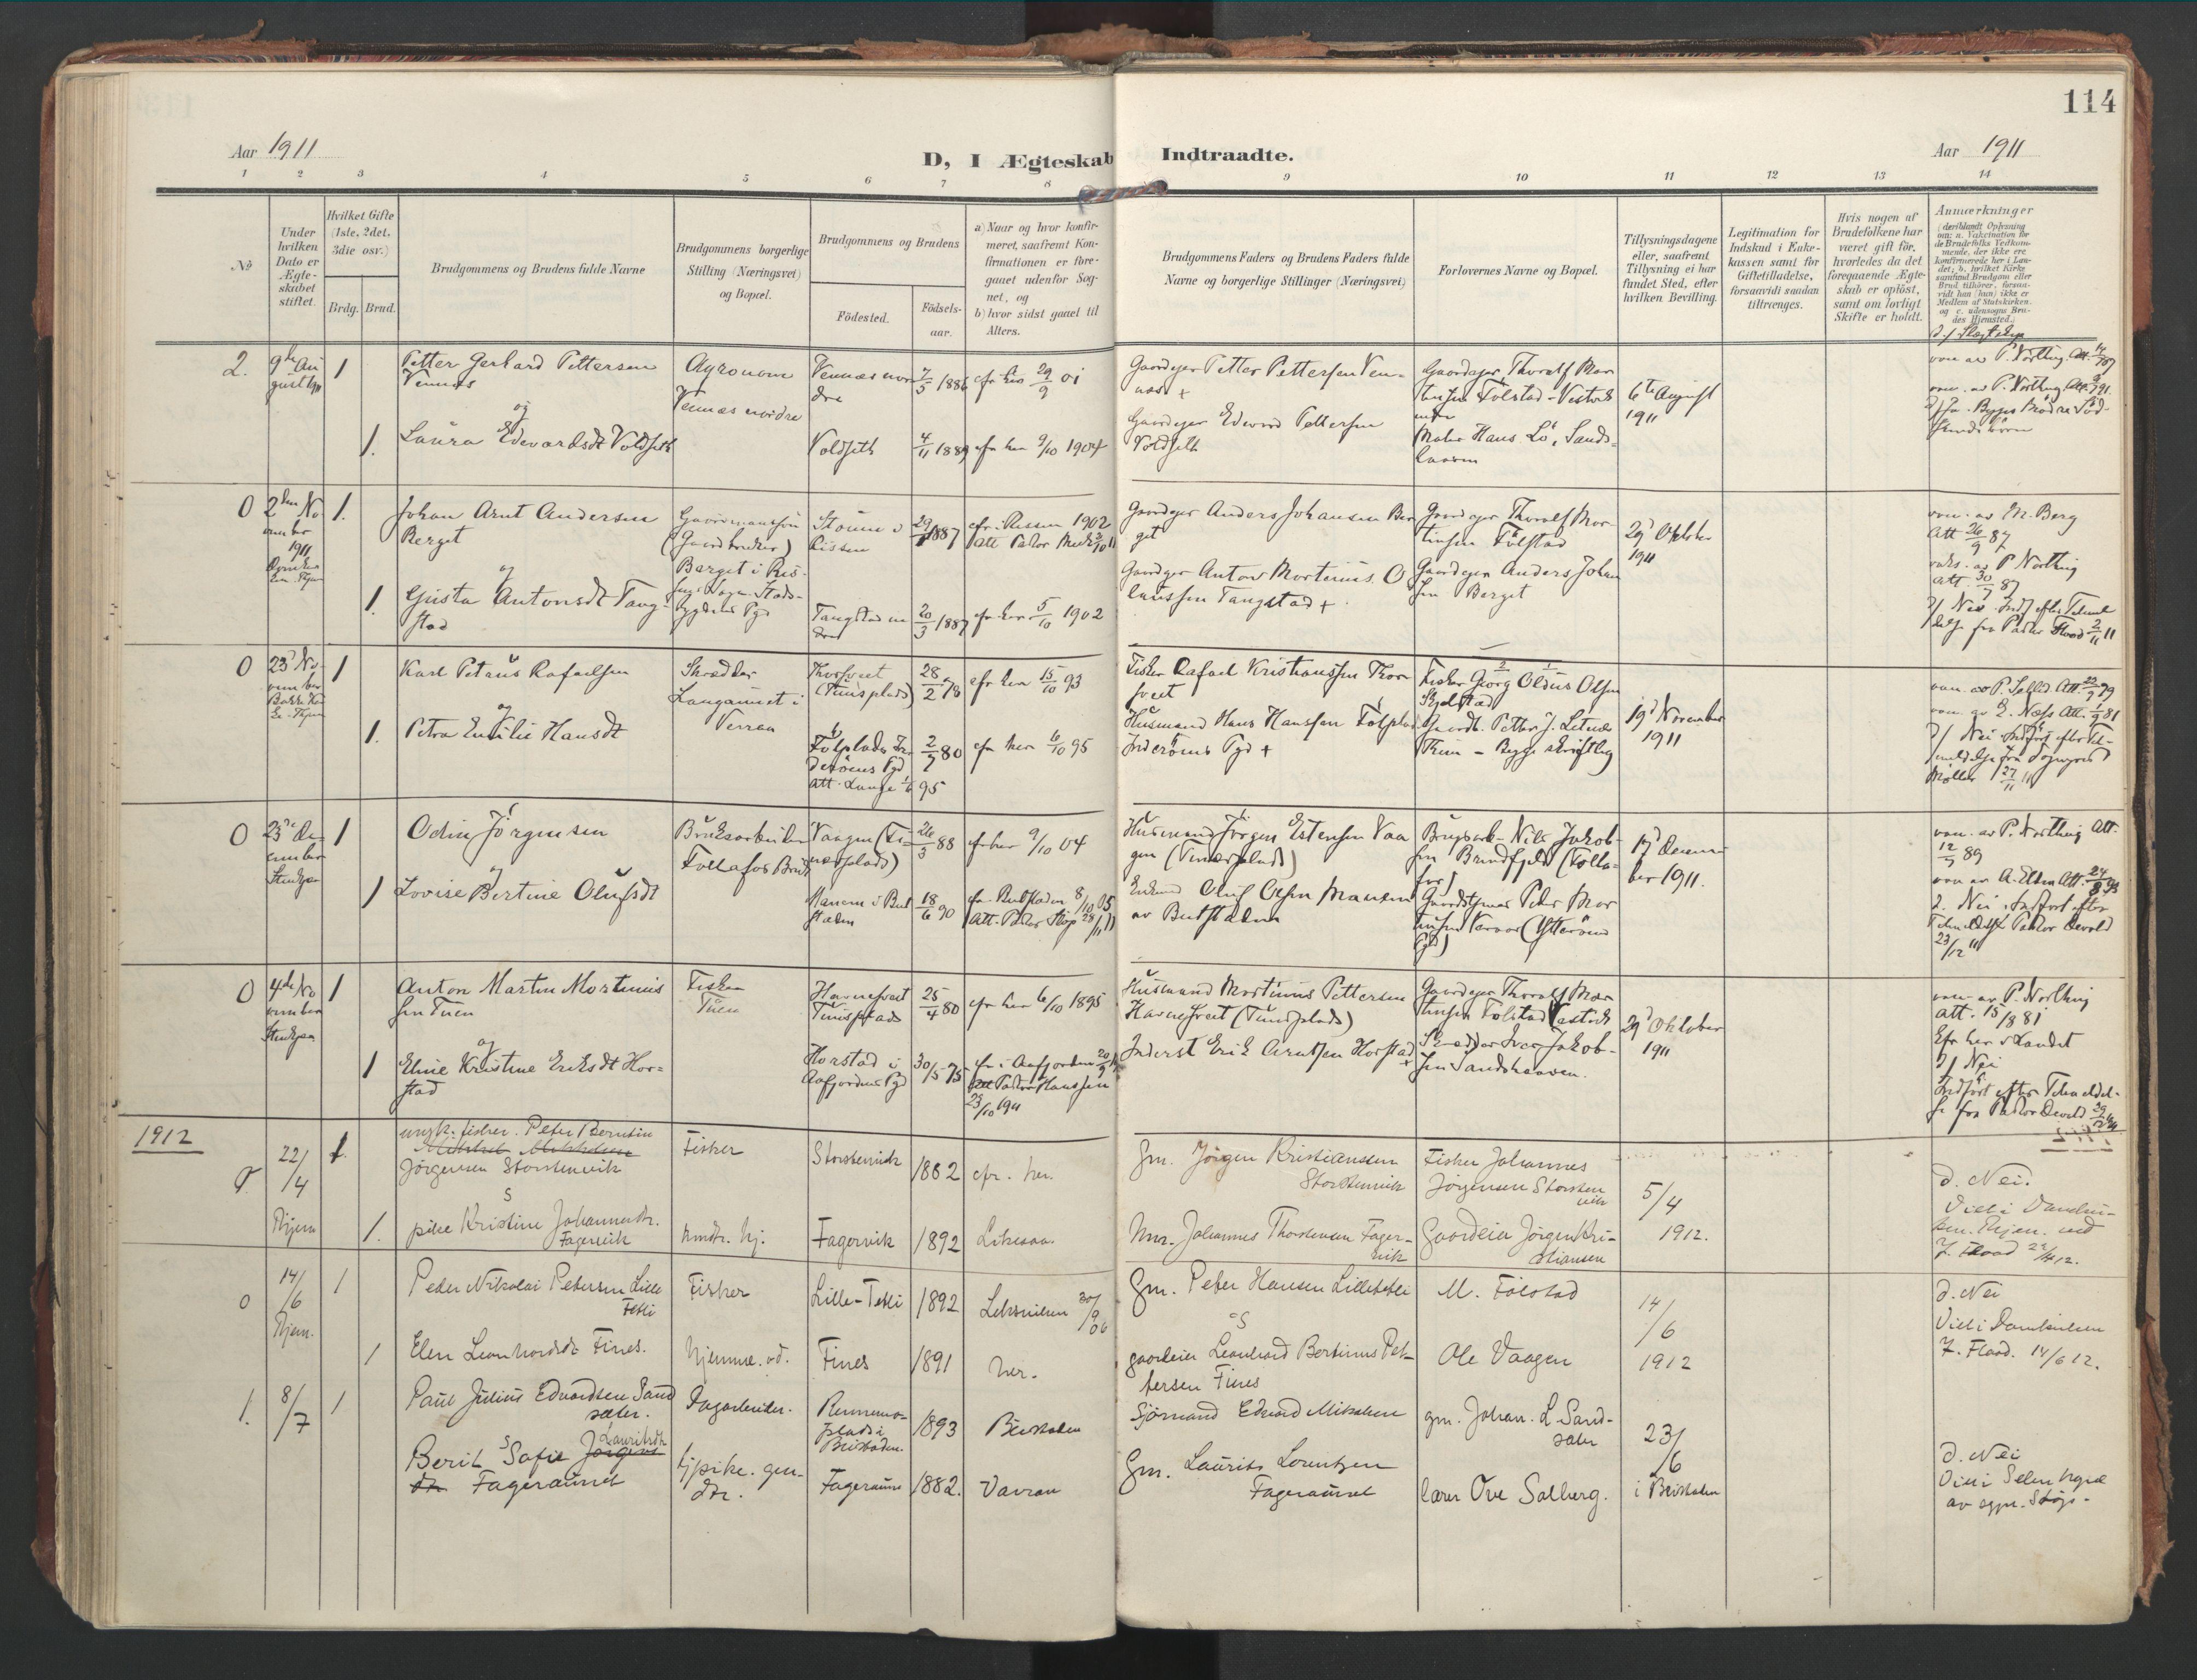 SAT, Ministerialprotokoller, klokkerbøker og fødselsregistre - Nord-Trøndelag, 744/L0421: Ministerialbok nr. 744A05, 1905-1930, s. 114